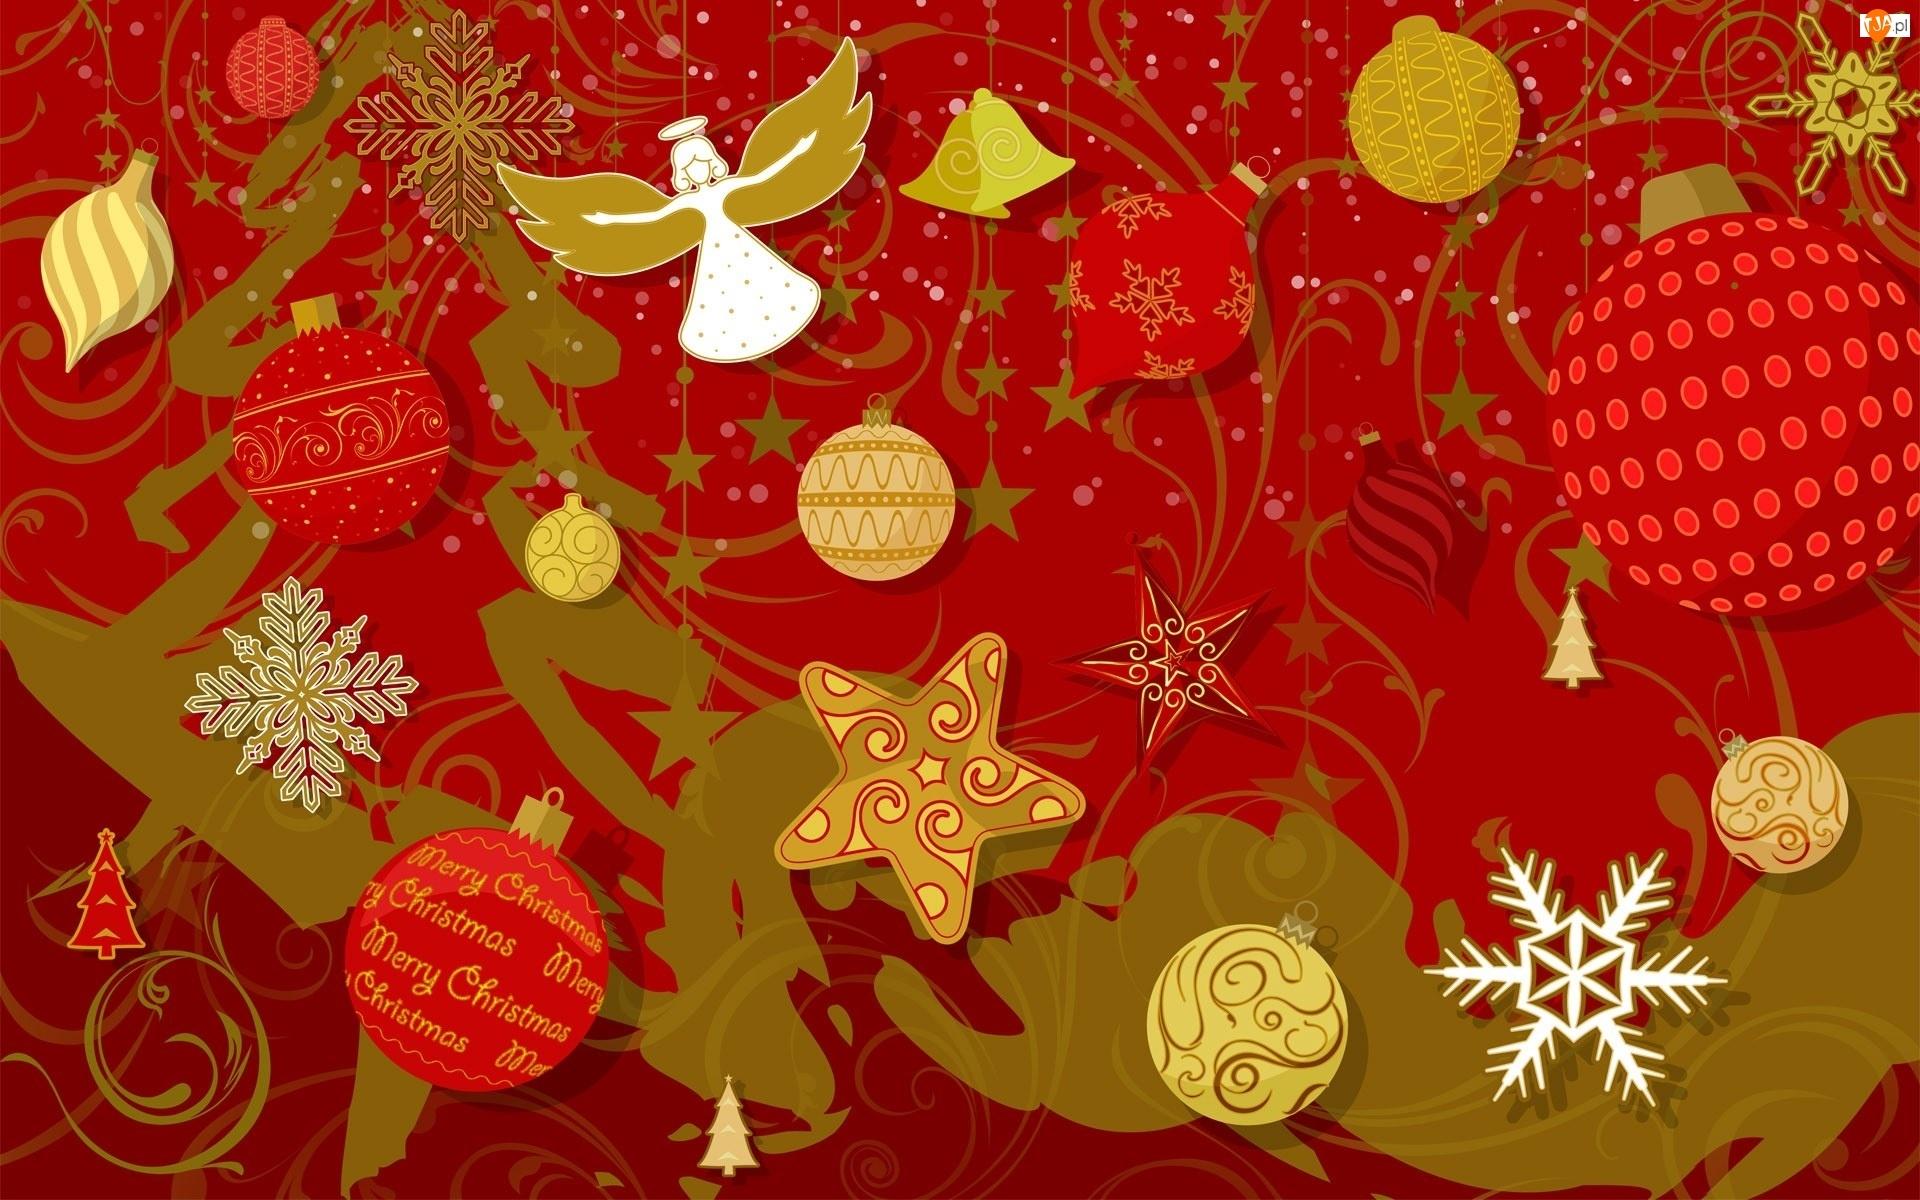 Ozdoby, Grafika, Anioł, Bożonarodzeniowa, Bombki